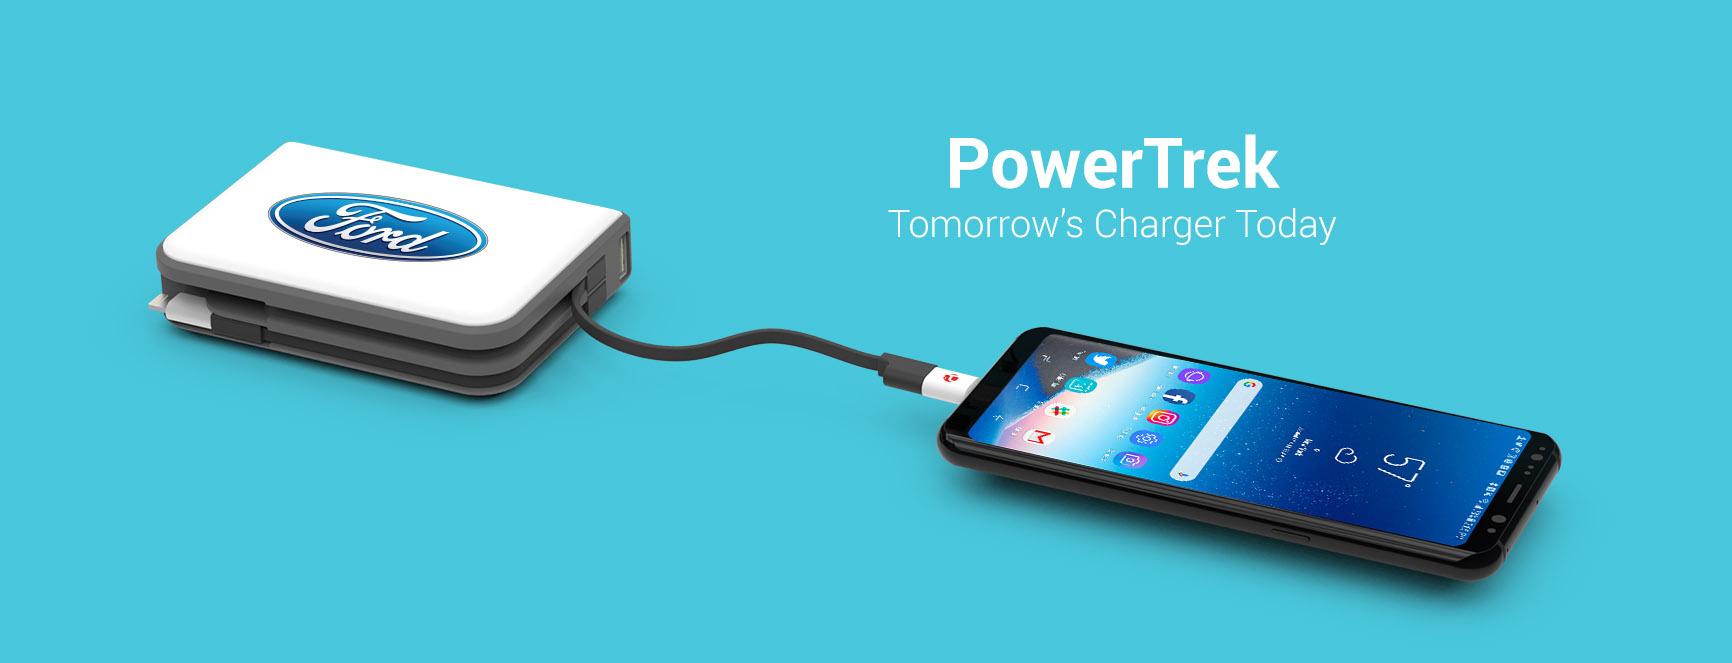 PowerTrek charging an iPhone